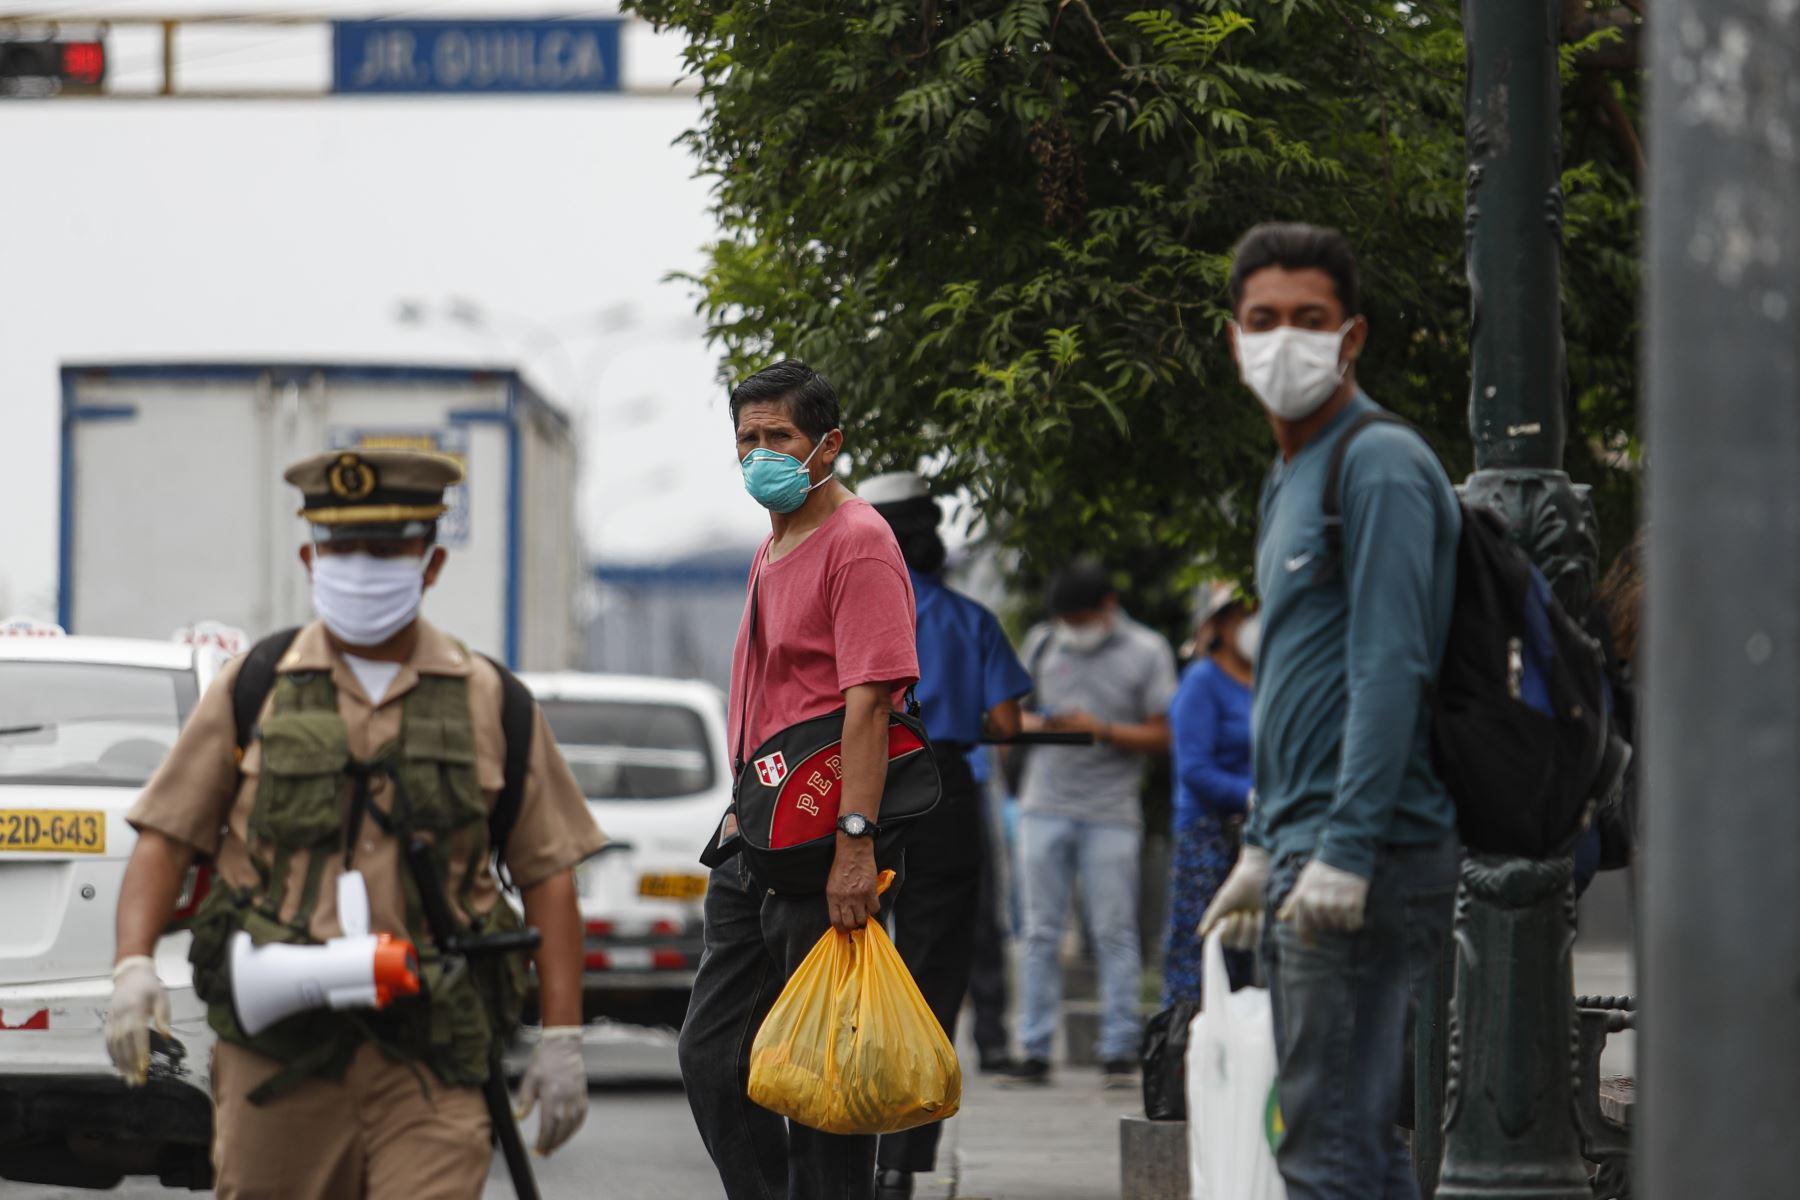 Personas caminan utilizando mascarillas por Centro de Lima. Foto: ANDINA/Renato Pajuelo